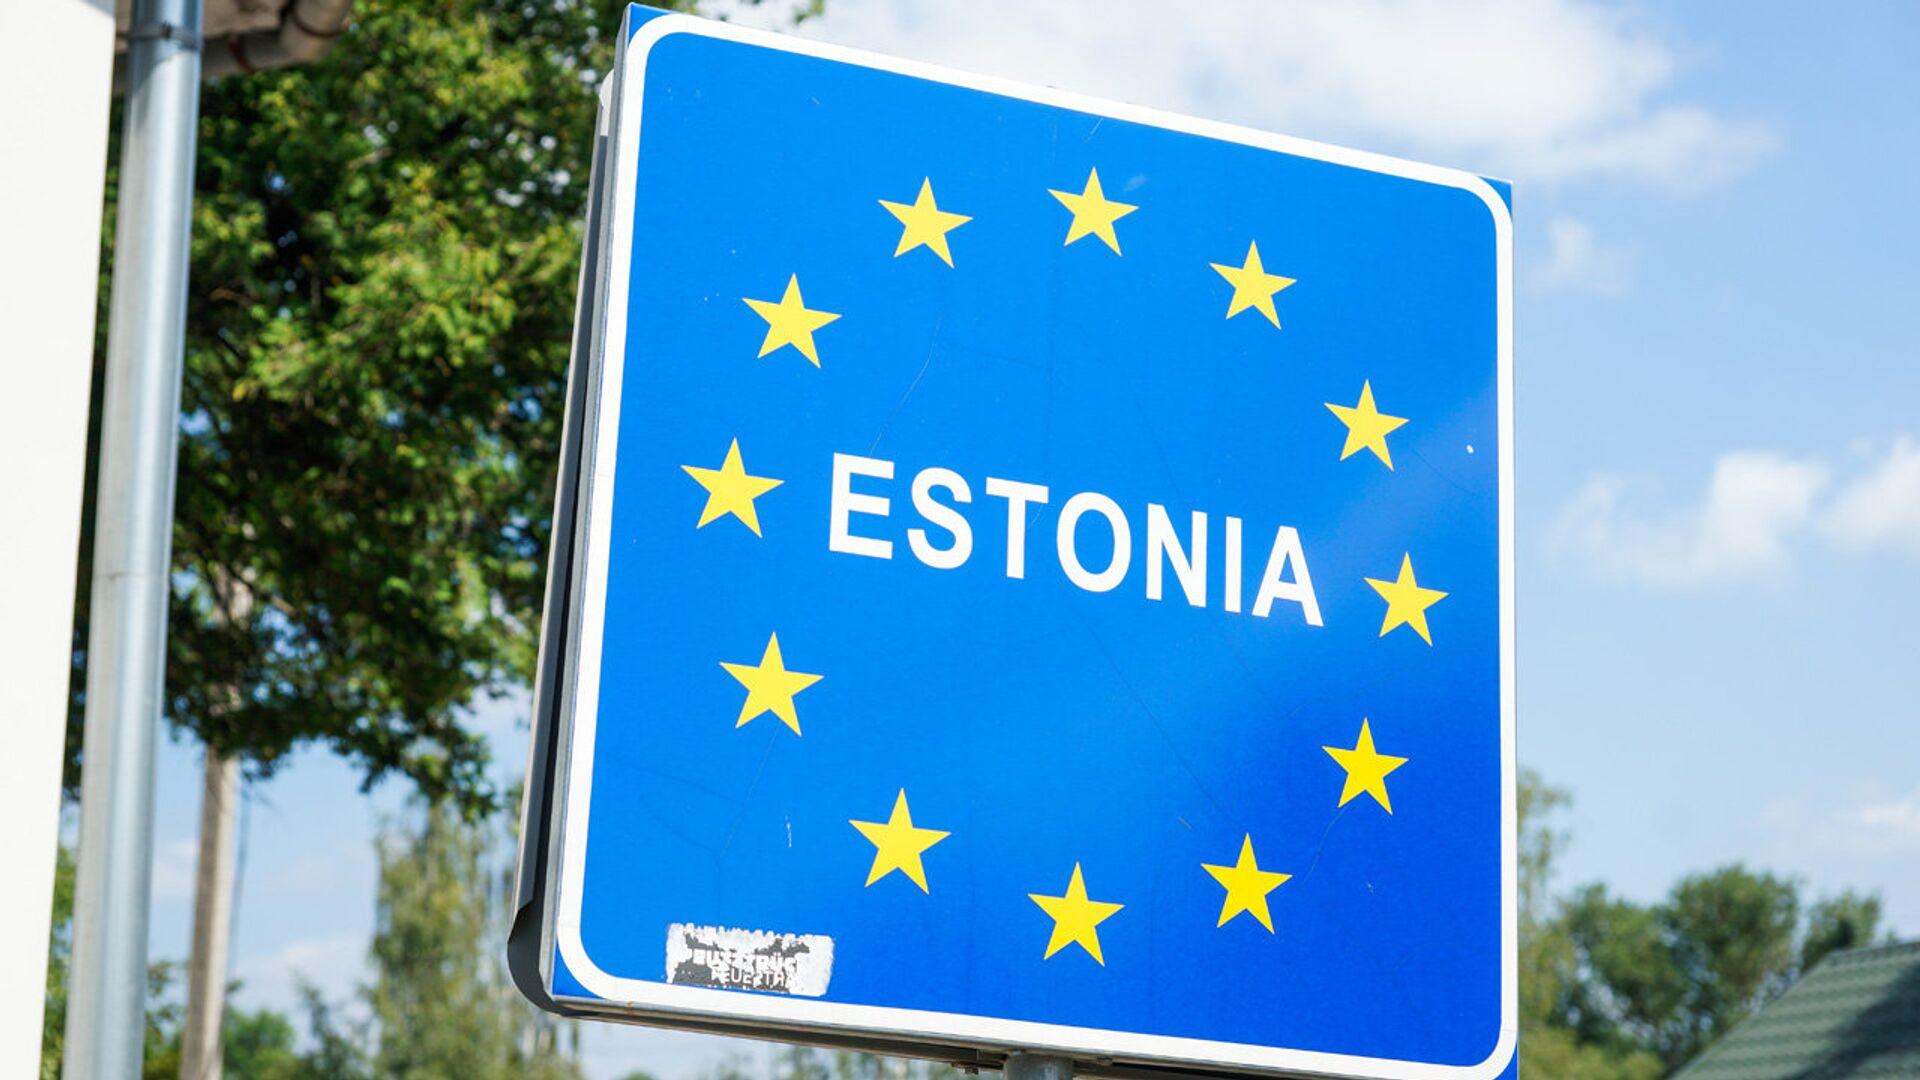 Дорожный знак Эстония на границе - Sputnik Латвия, 1920, 08.08.2021